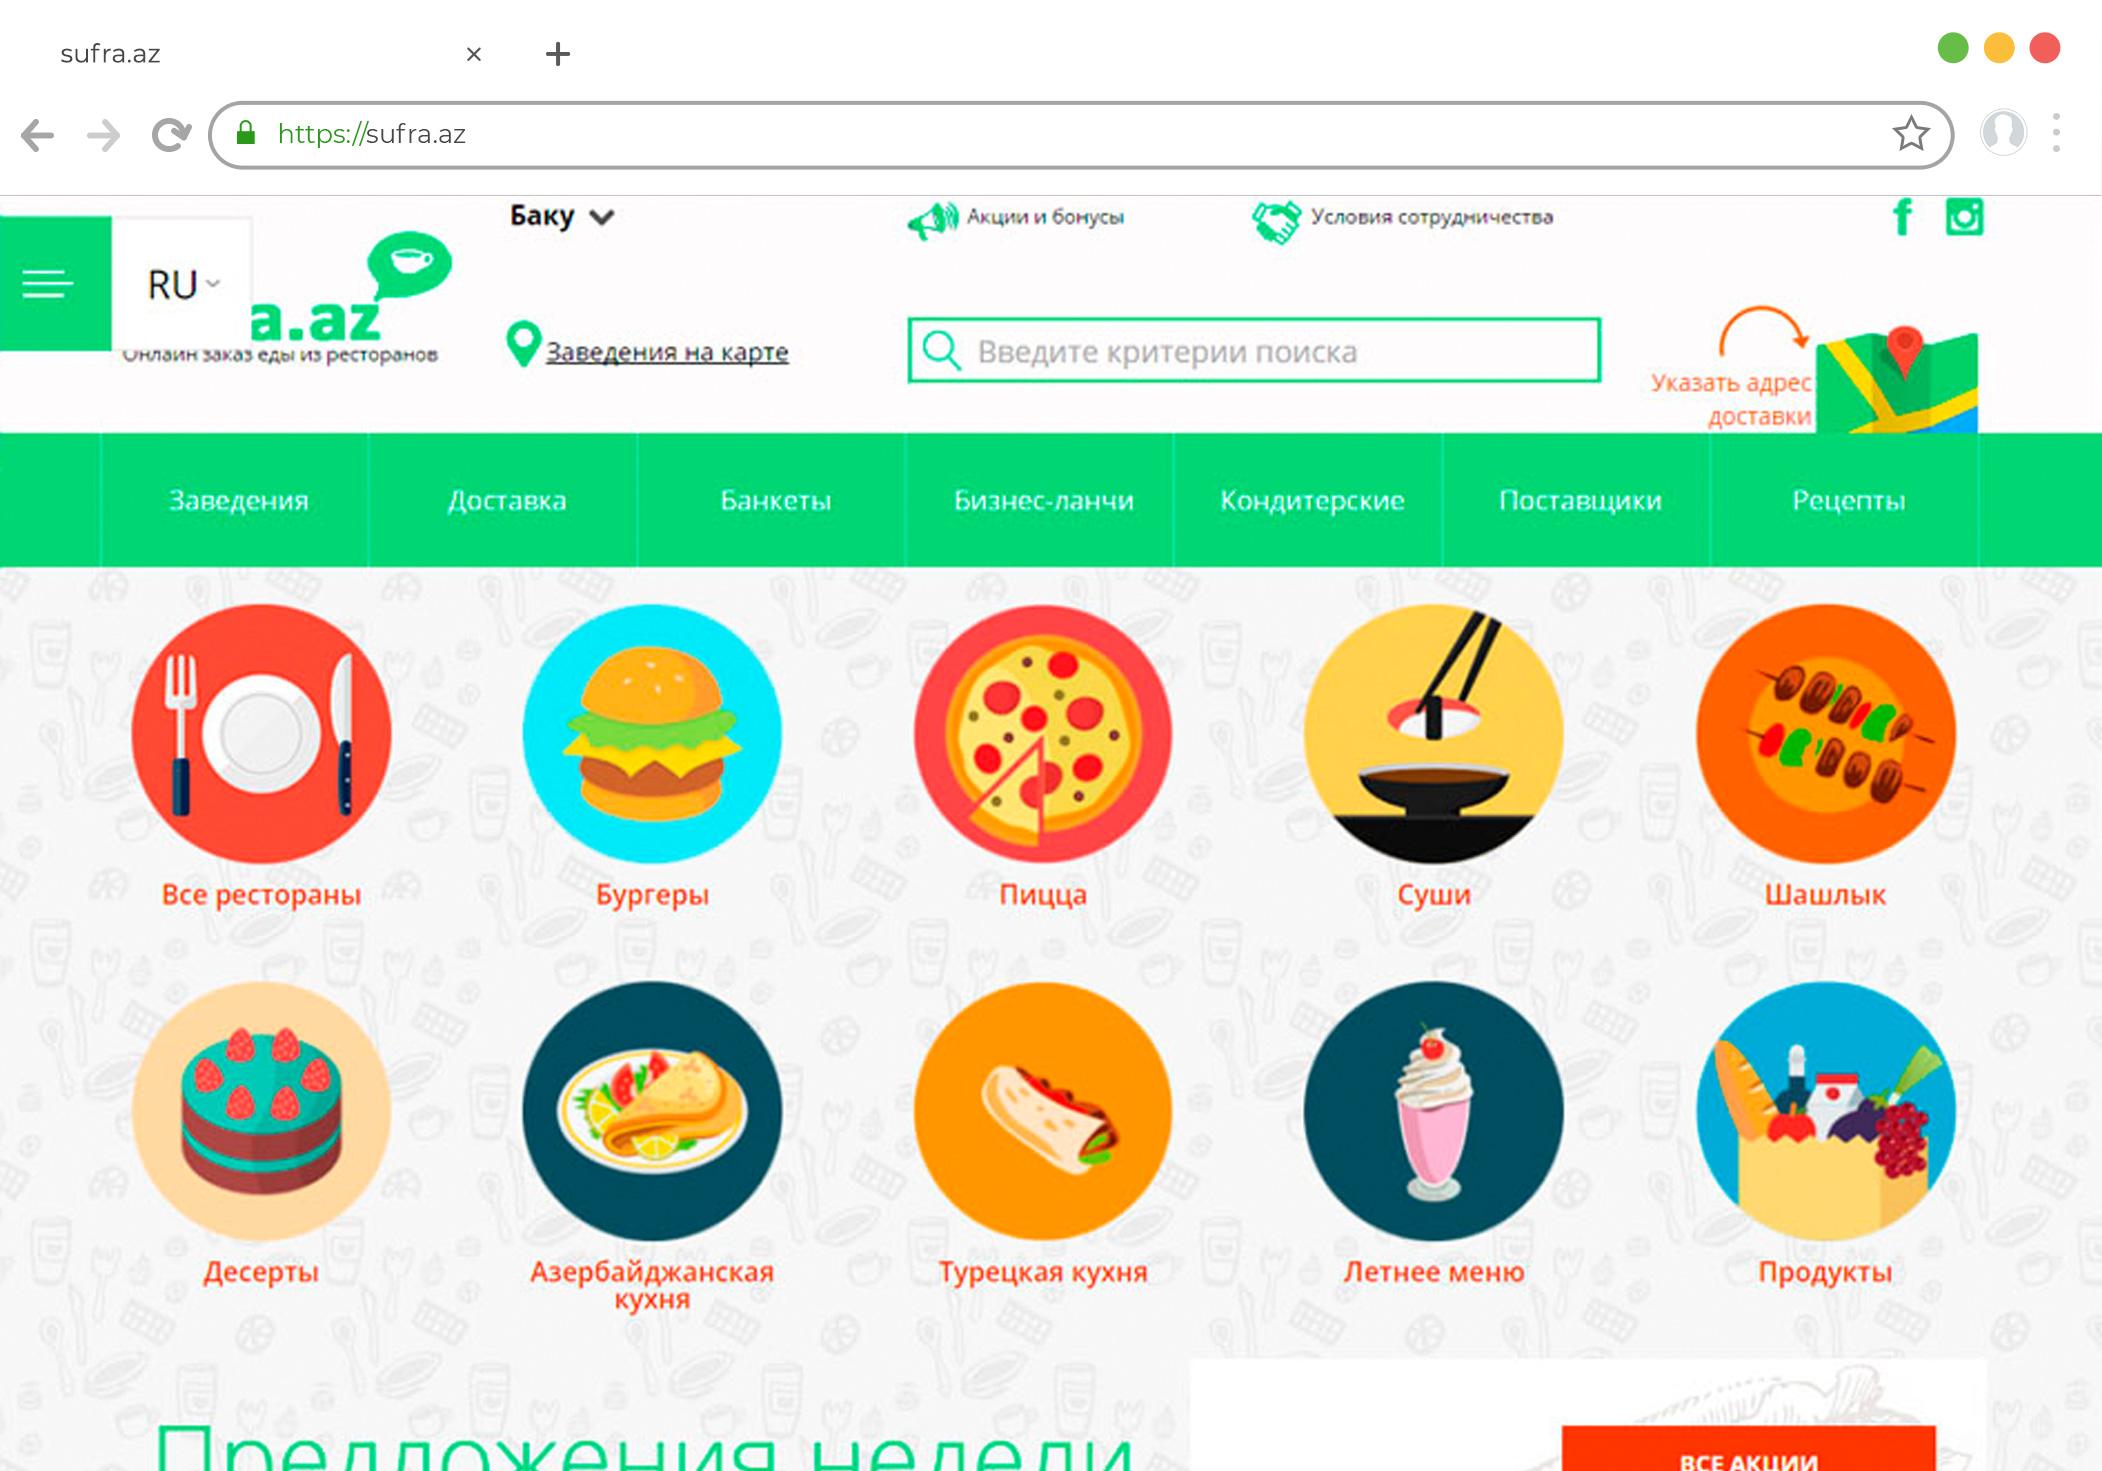 Разработка интернет магазина на Opencart 1.5 сети ресторанов города Баку в Азербайджане